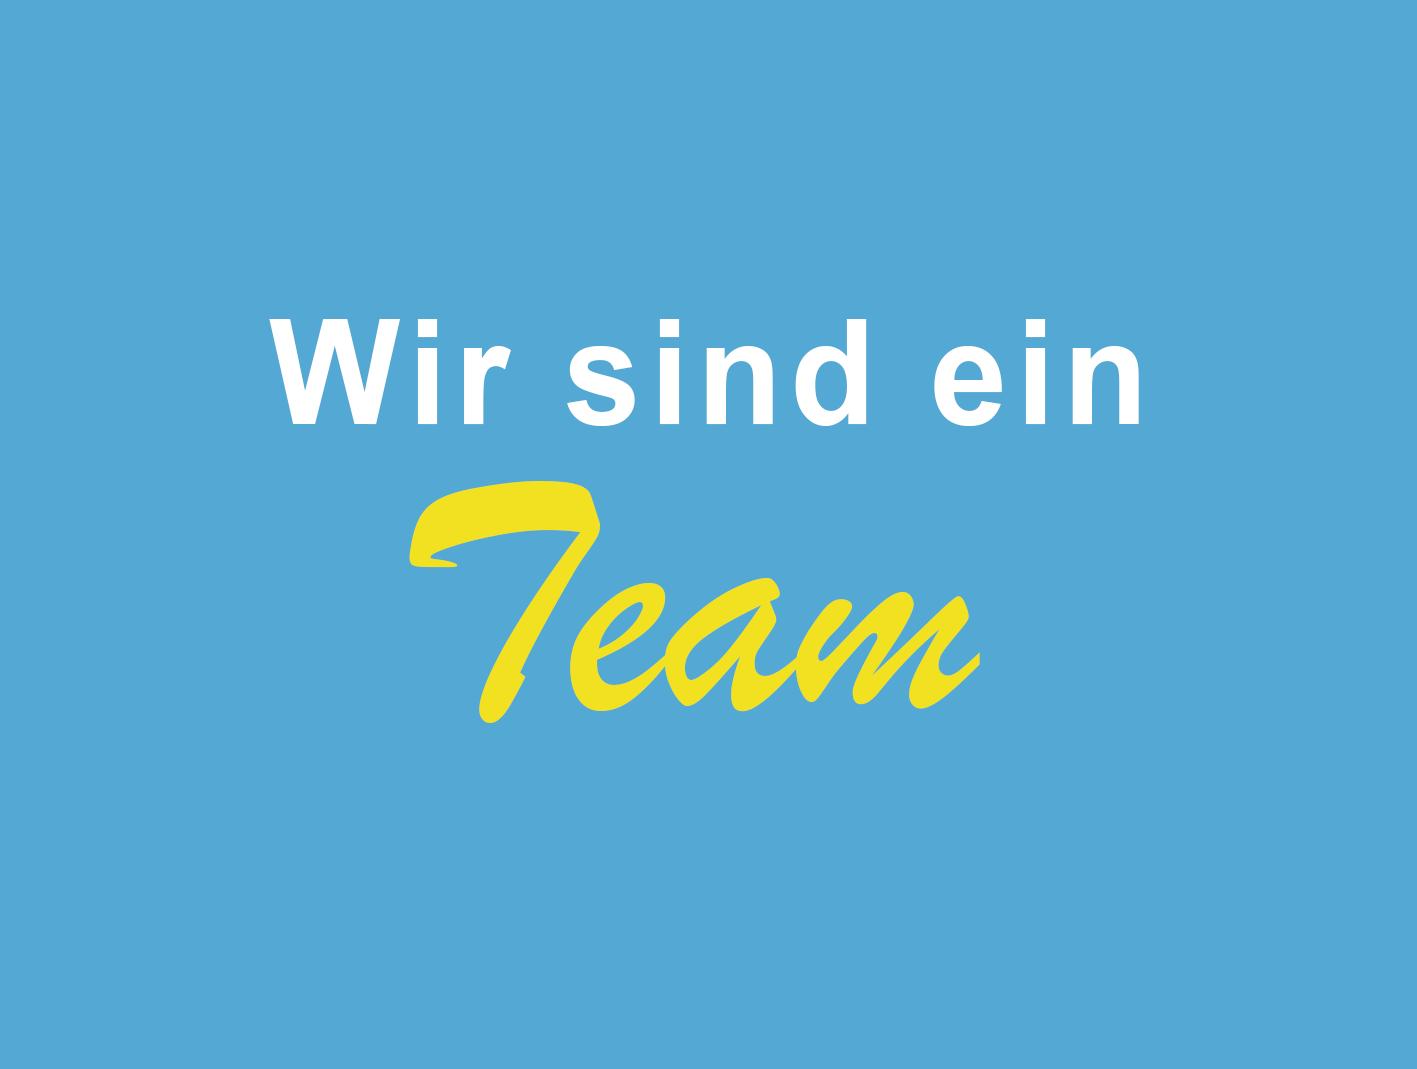 3 Wir sind ein Team